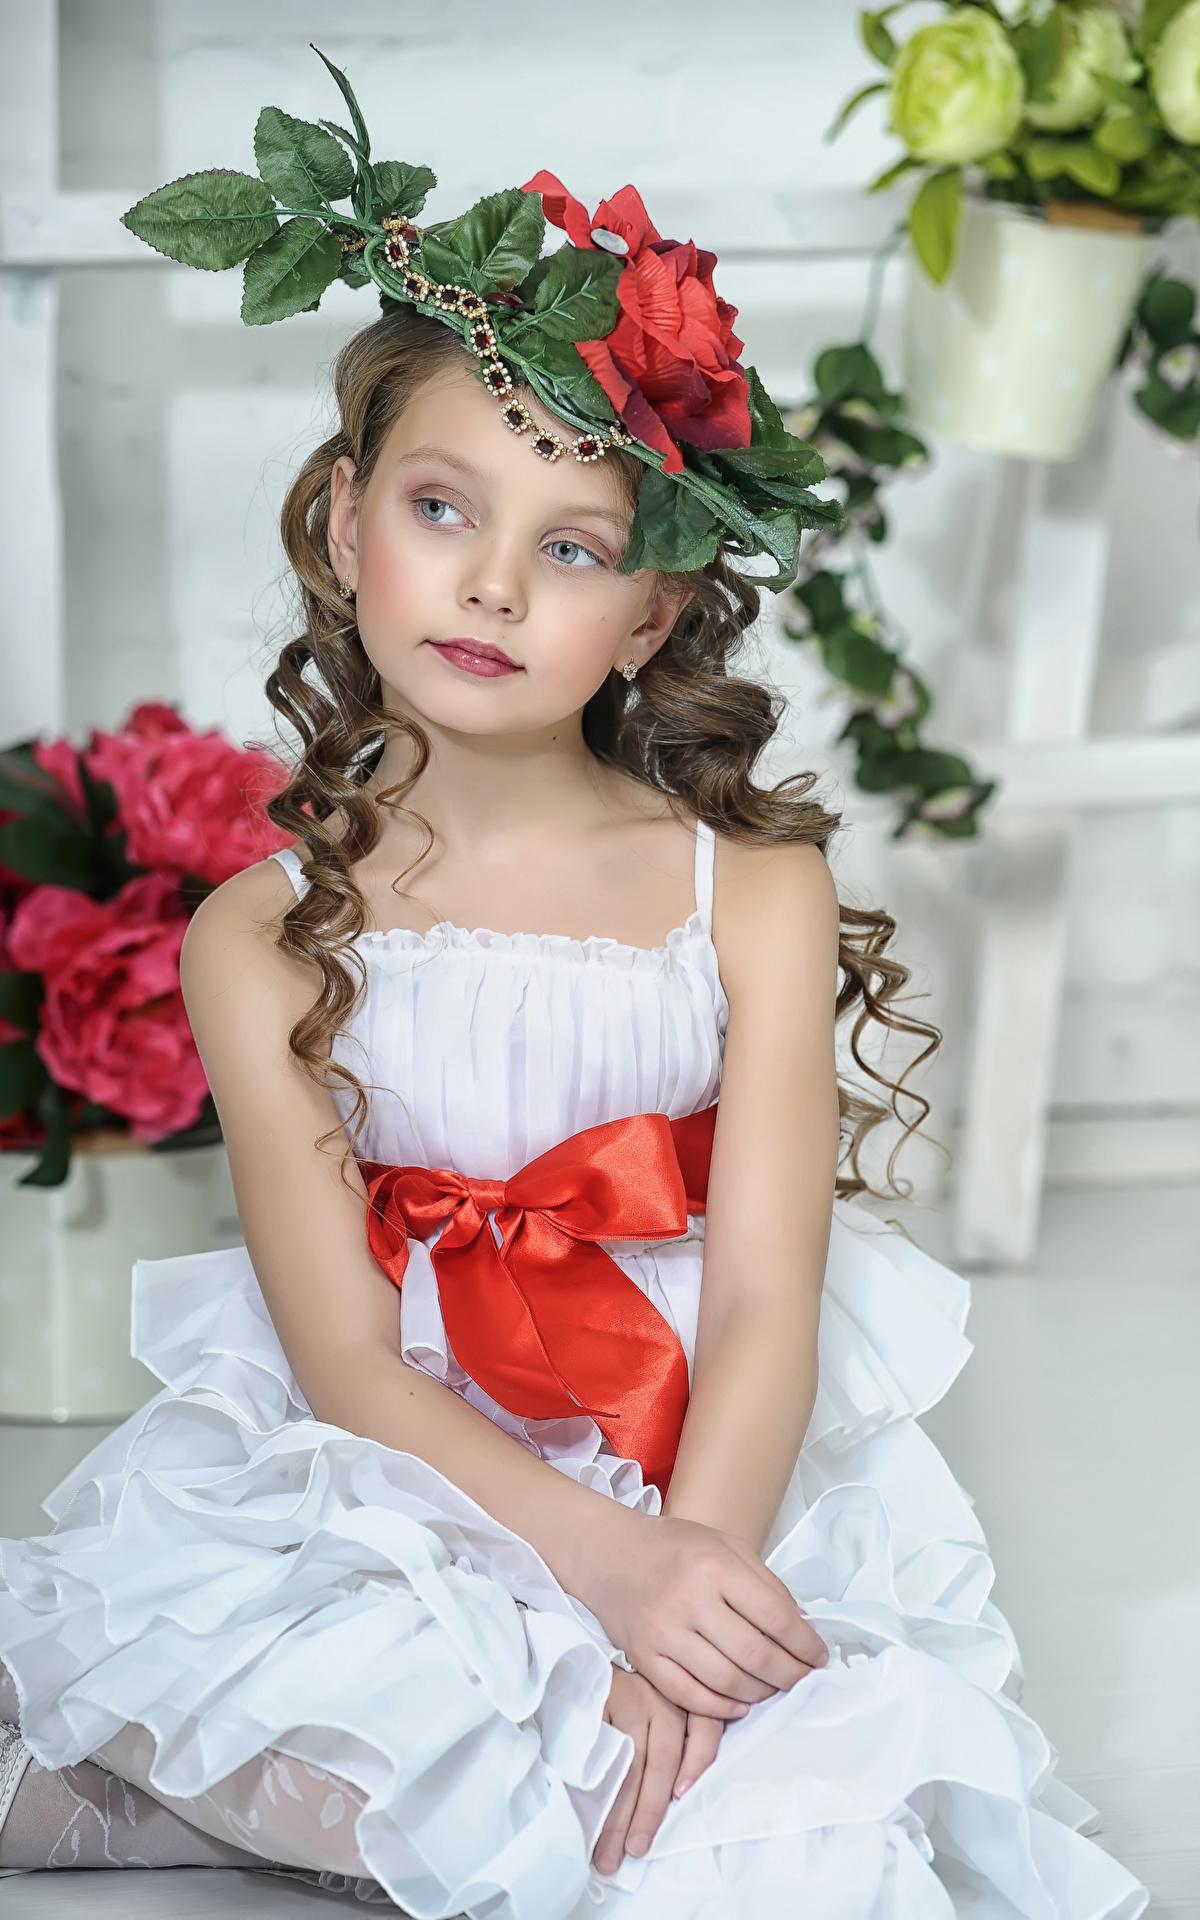 Fotos Kleine Mädchen Model Kinder Der Hut Sitzend Kleid 1200x1920